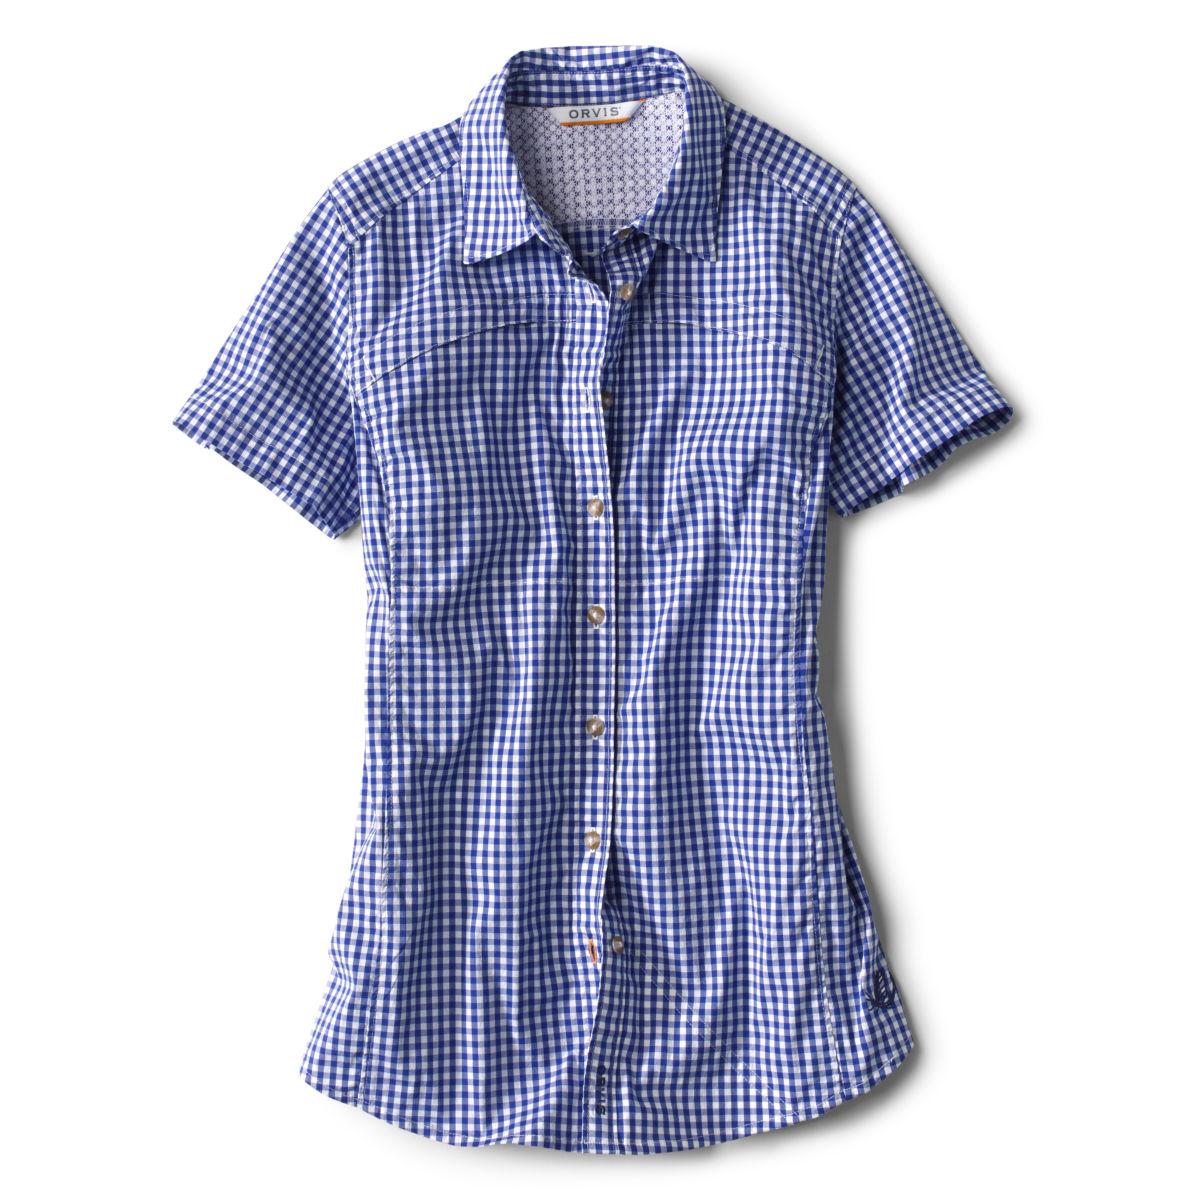 Short-Sleeved River Guide Shirt - OCEAN BLUEimage number 0